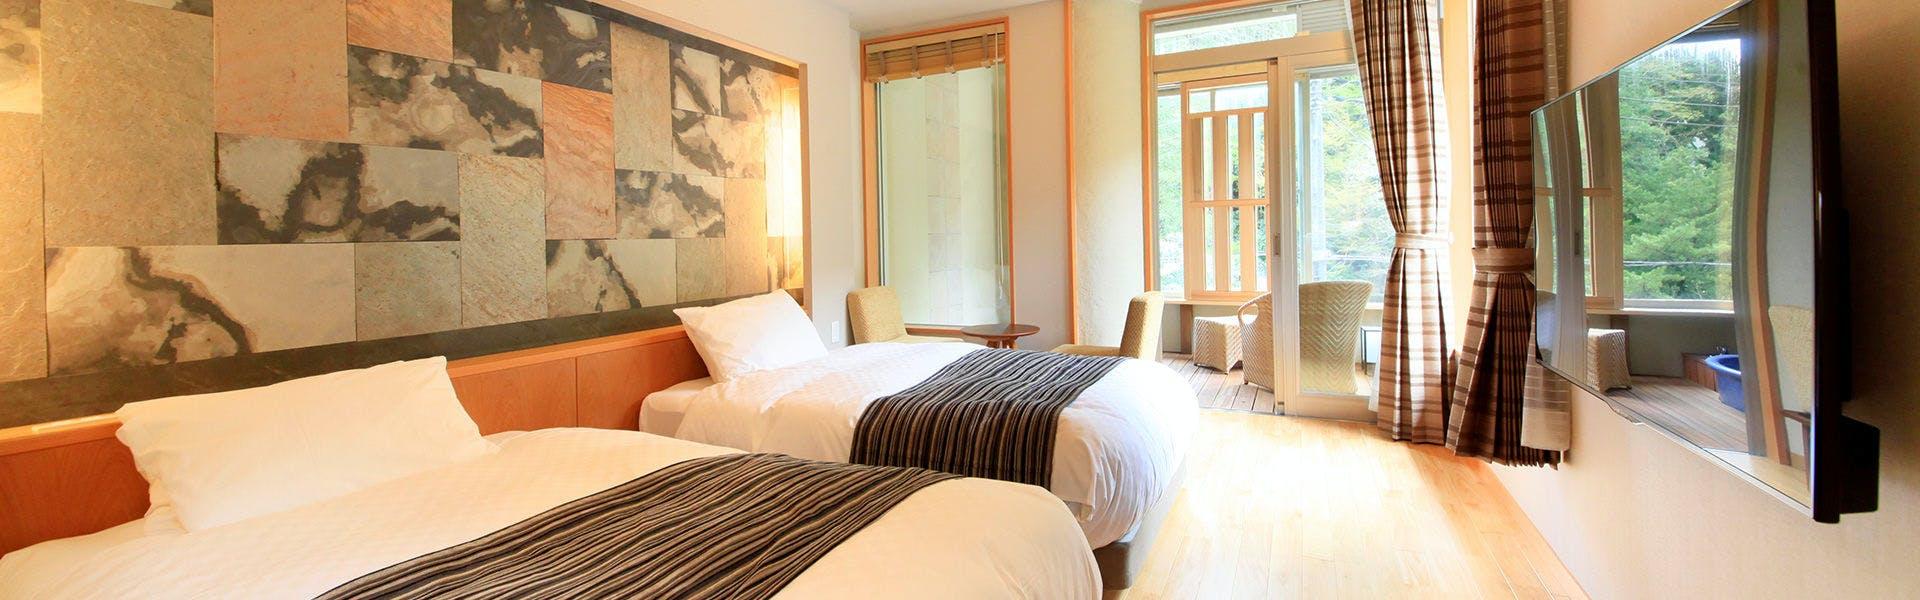 記念日におすすめのホテル・箱根湯本温泉 ホテルおかだの写真2